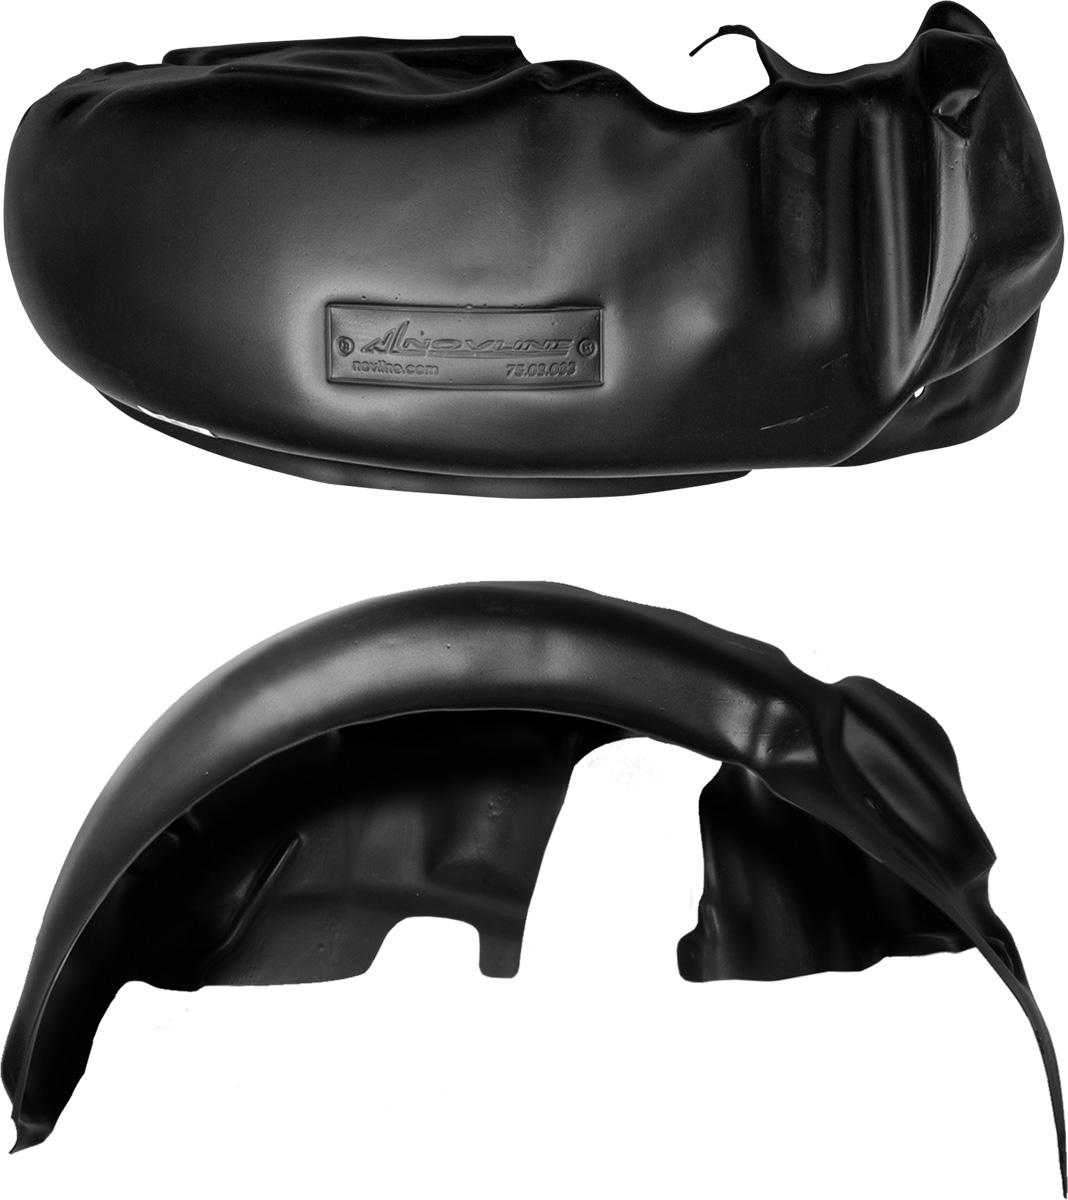 Подкрылок Novline-Autofamily, для NISSAN X-Trail, 2007-2011, задний правыйNLL.36.20.004Колесные ниши - одни из самых уязвимых зон днища вашего автомобиля. Они постоянно подвергаются воздействию со стороны дороги. Лучшая, почти абсолютная защита для них - специально отформованные пластиковые кожухи, которые называются подкрылками. Производятся они как для отечественных моделей автомобилей, так и для иномарок. Подкрылки Novline-Autofamily выполнены из высококачественного, экологически чистого пластика. Обеспечивают надежную защиту кузова автомобиля от пескоструйного эффекта и негативного влияния, агрессивных антигололедных реагентов. Пластик обладает более низкой теплопроводностью, чем металл, поэтому в зимний период эксплуатации использование пластиковых подкрылков позволяет лучше защитить колесные ниши от налипания снега и образования наледи. Оригинальность конструкции подчеркивает элегантность автомобиля, бережно защищает нанесенное на днище кузова антикоррозийное покрытие и позволяет осуществить крепление подкрылков внутри колесной арки практически без дополнительного крепежа и сверления, не нарушая при этом лакокрасочного покрытия, что предотвращает возникновение новых очагов коррозии. Подкрылки долговечны, обладают высокой прочностью и сохраняют заданную форму, а также все свои физико-механические характеристики в самых тяжелых климатических условиях (от -50°С до +50°С).Уважаемые клиенты!Обращаем ваше внимание, на тот факт, что подкрылок имеет форму, соответствующую модели данного автомобиля. Фото служит для визуального восприятия товара.